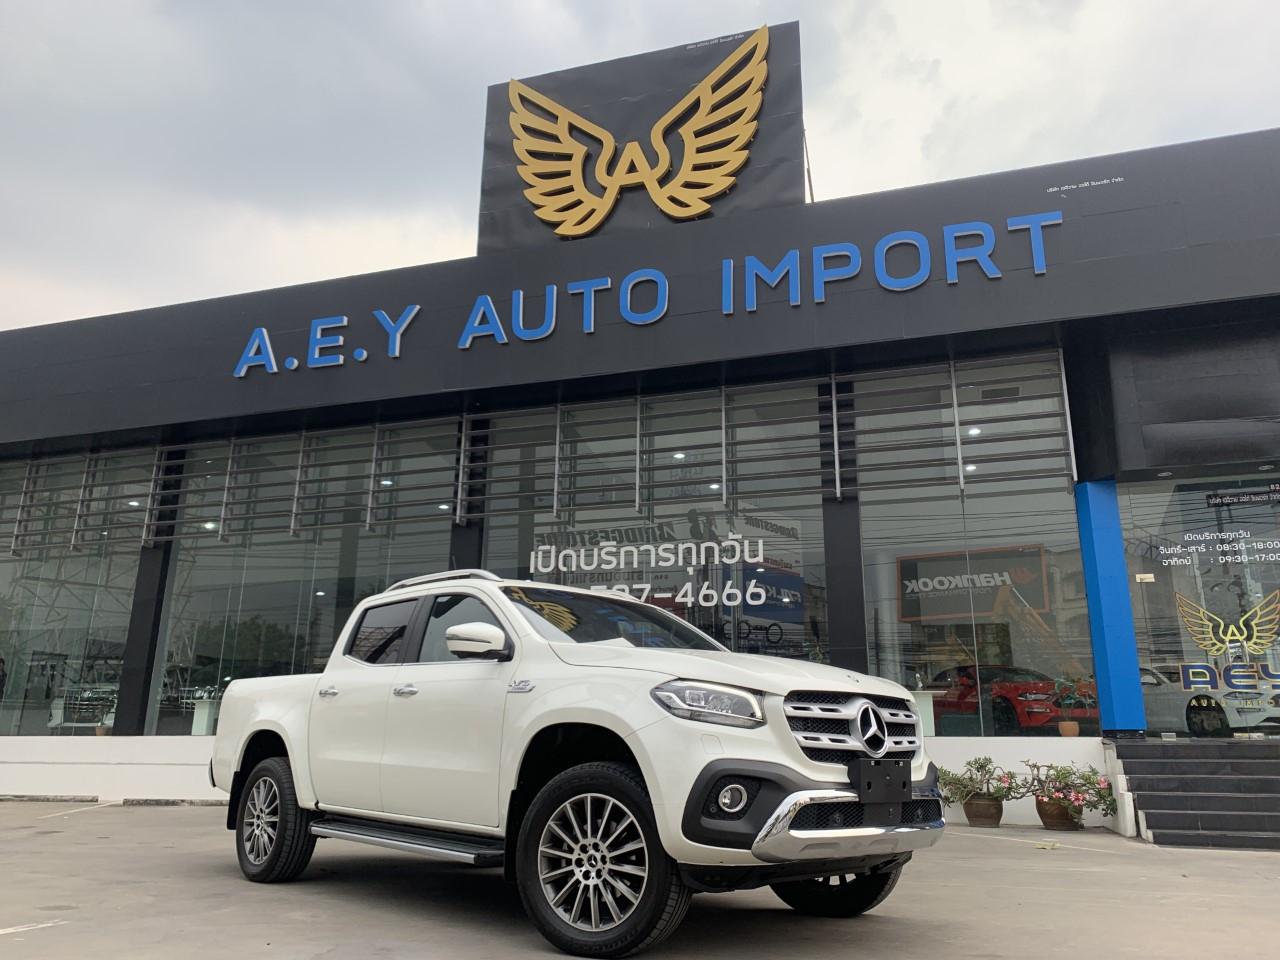 """AEY AUTO IMPORT เปิดโฉมปิกอัพนำเข้า """"'Benz X 350 D'  หรูหราสุดพรีเมี่ยม"""